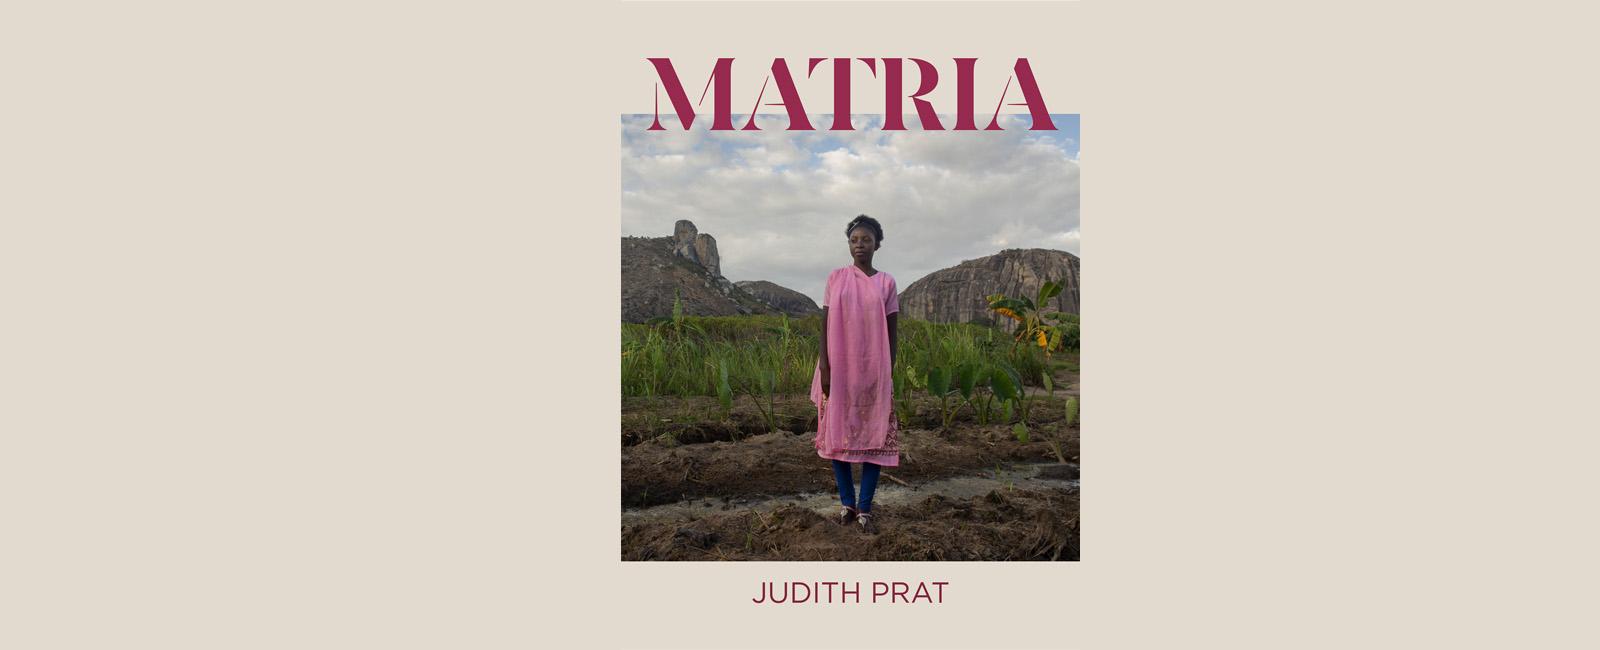 MATRIA_1600x650 (1)